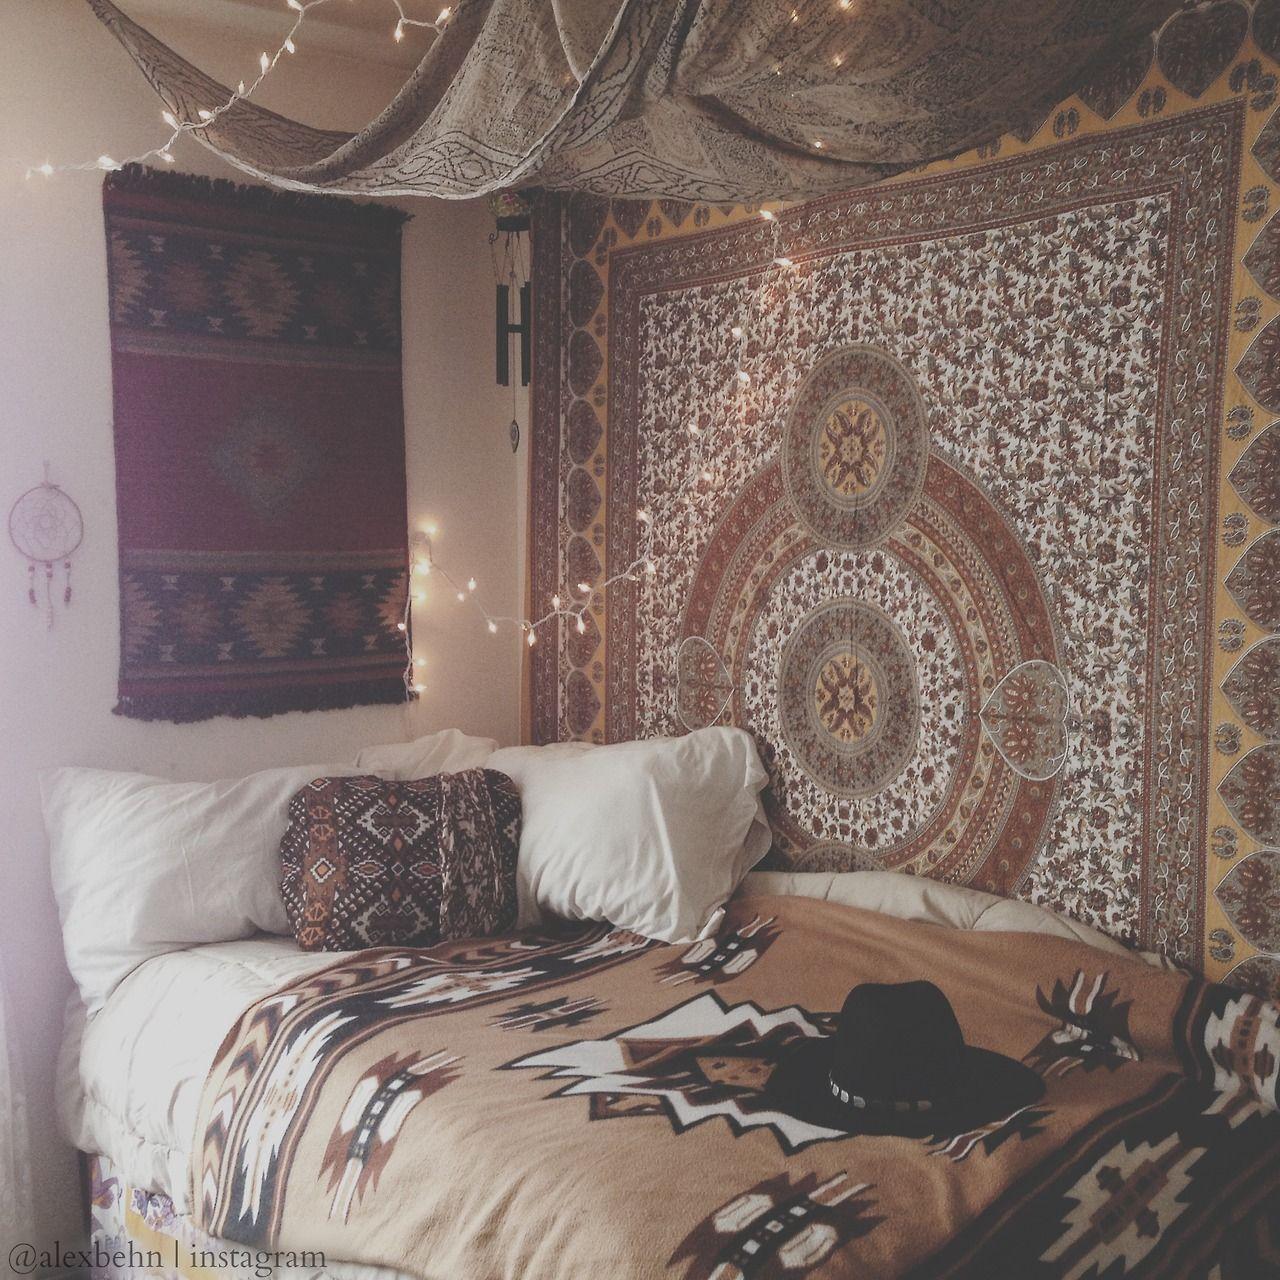 Schlafzimmer Einrichten Instagram Schlafzimmer Einrichten Boho